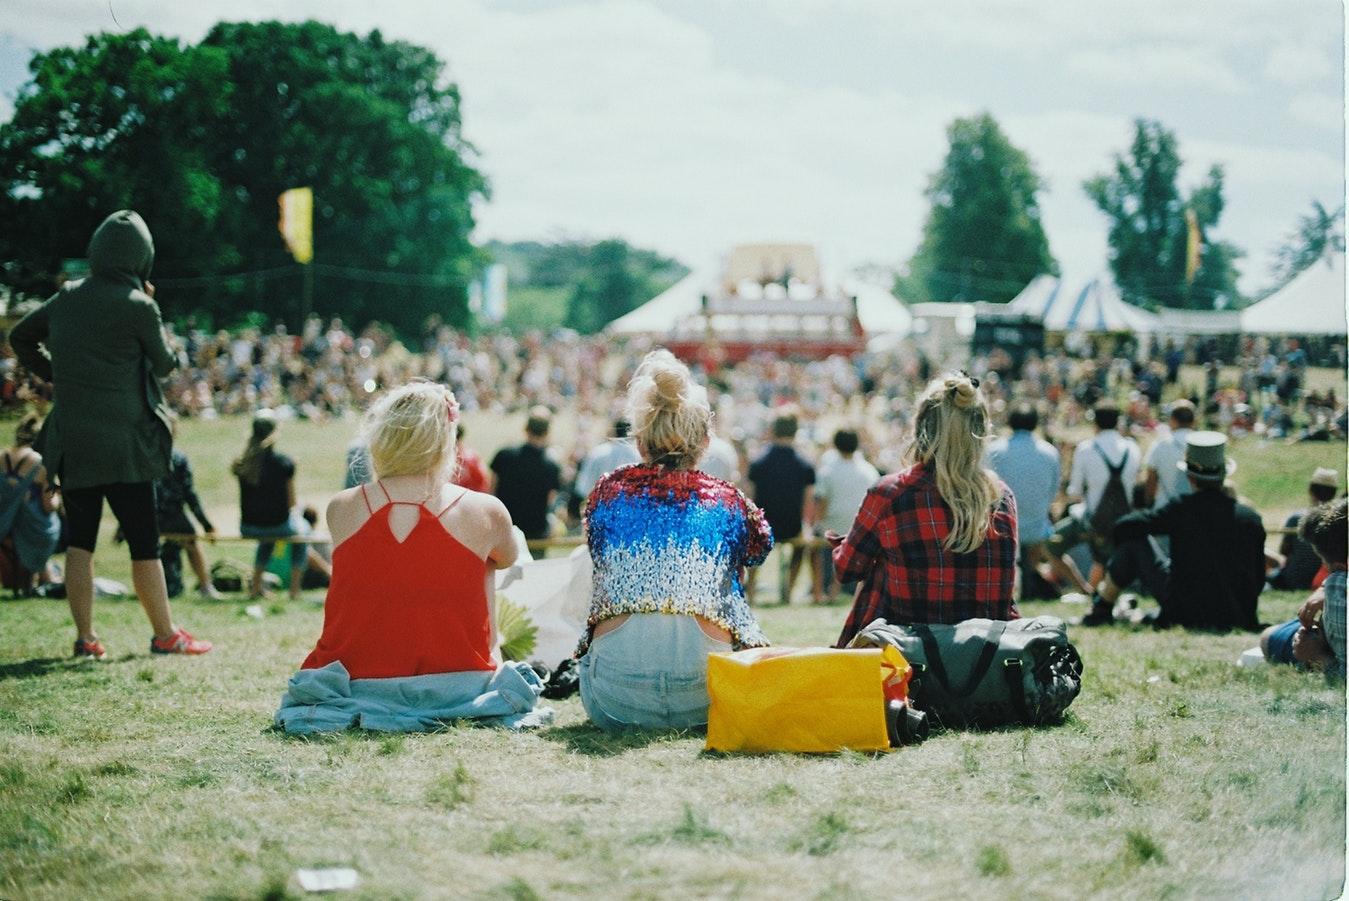 Festival-sæsonen er skudt igang – Er du klar?